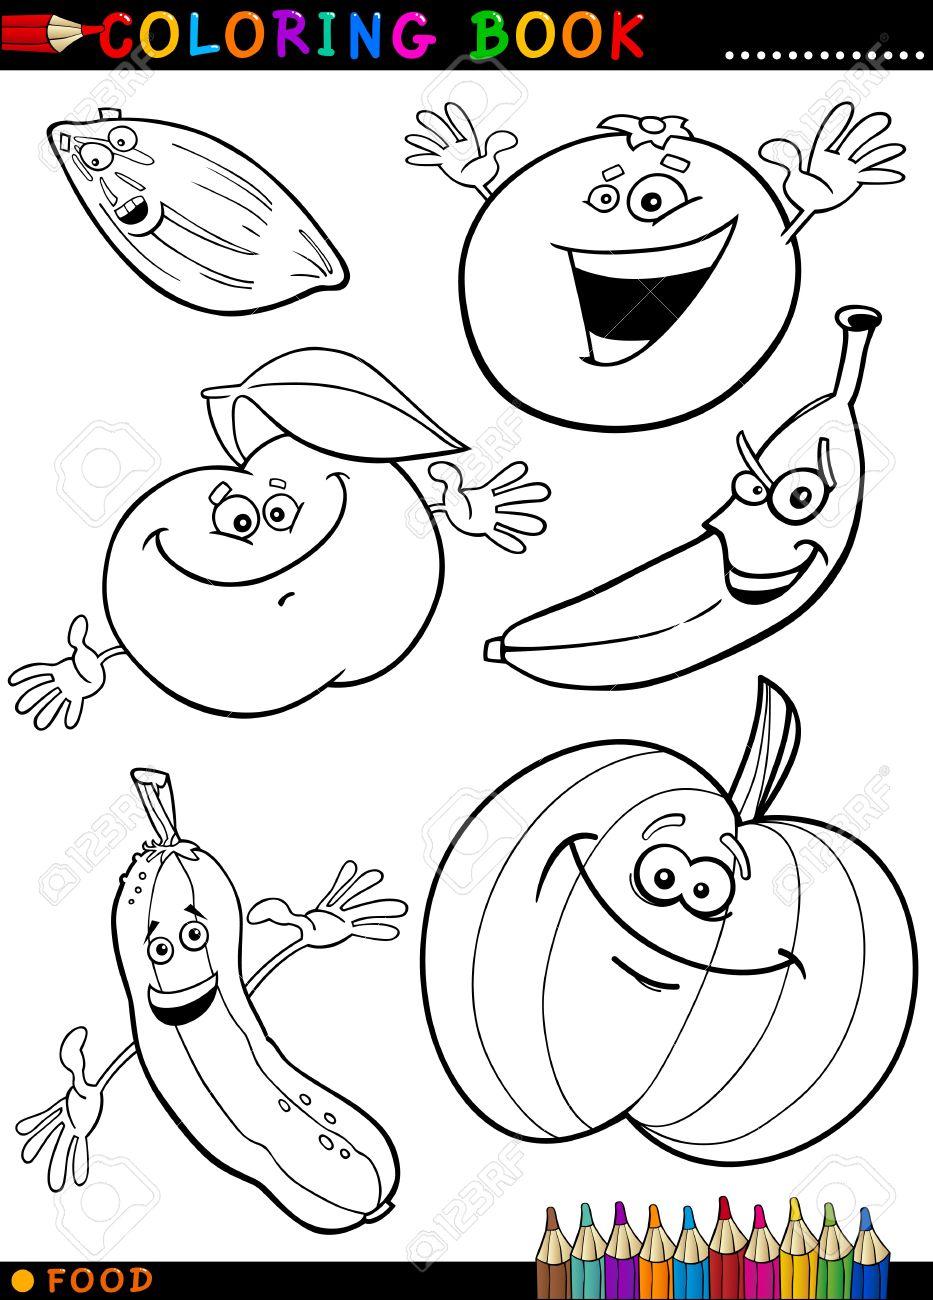 Libro Para Colorear O Ilustracion De Dibujos Animados Pagina De